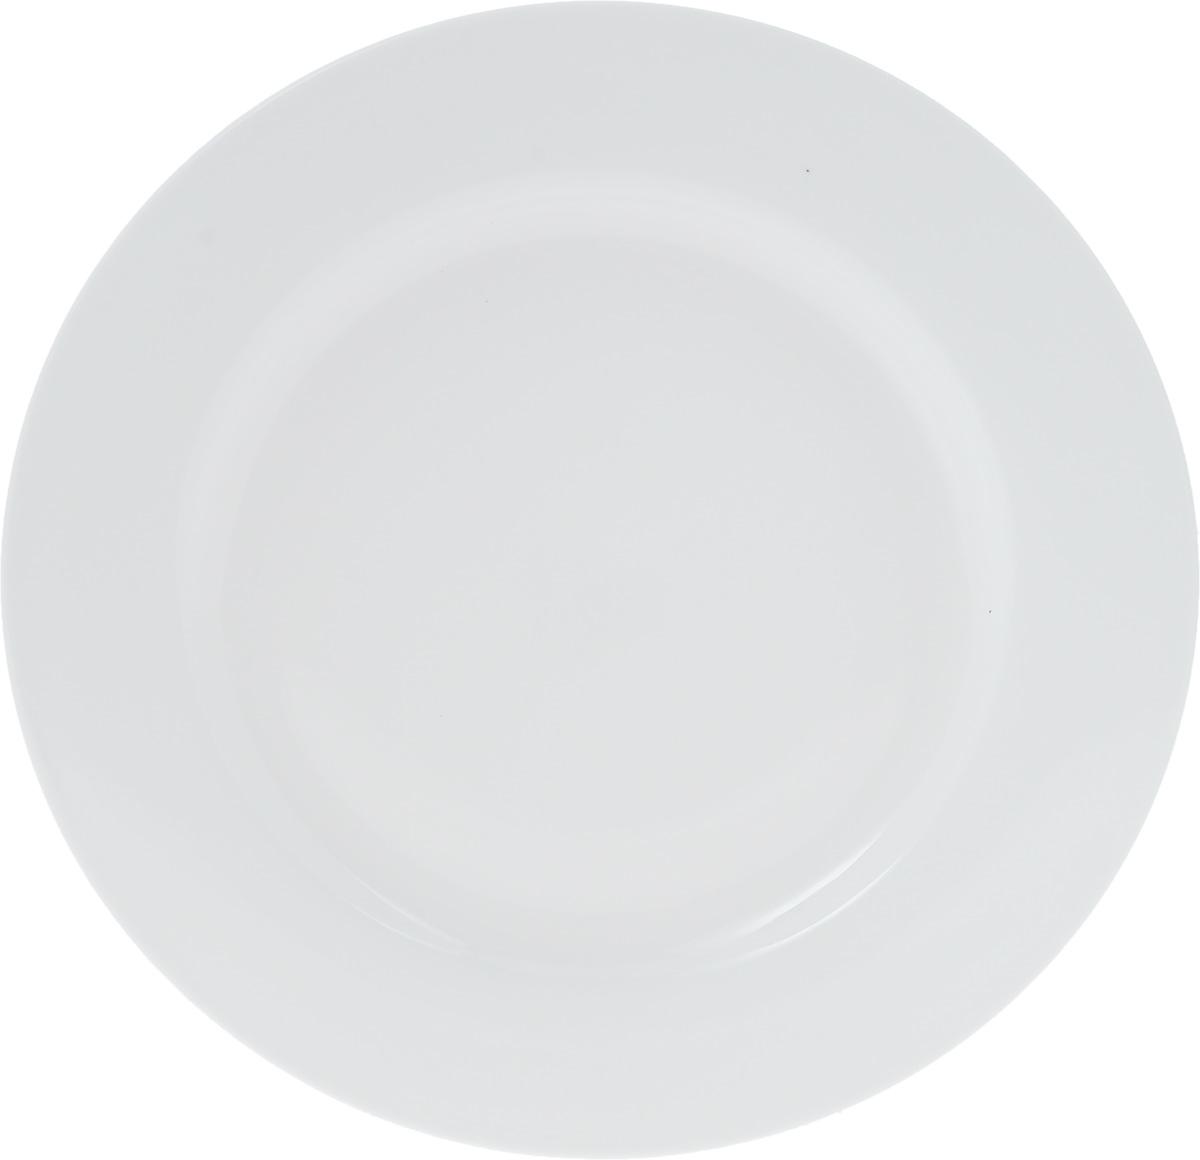 Тарелка Wilmax, диаметр 28 см. WL-991181 / A115510Тарелка Wilmax, изготовленная из высококачественного фарфора, имеет классическую круглую форму. Оригинальный дизайн придется по вкусу и ценителям классики, и тем, кто предпочитает утонченность и изысканность. Тарелка Wilmax идеально подойдет для сервировки стола и станет отличным подарком к любому празднику.